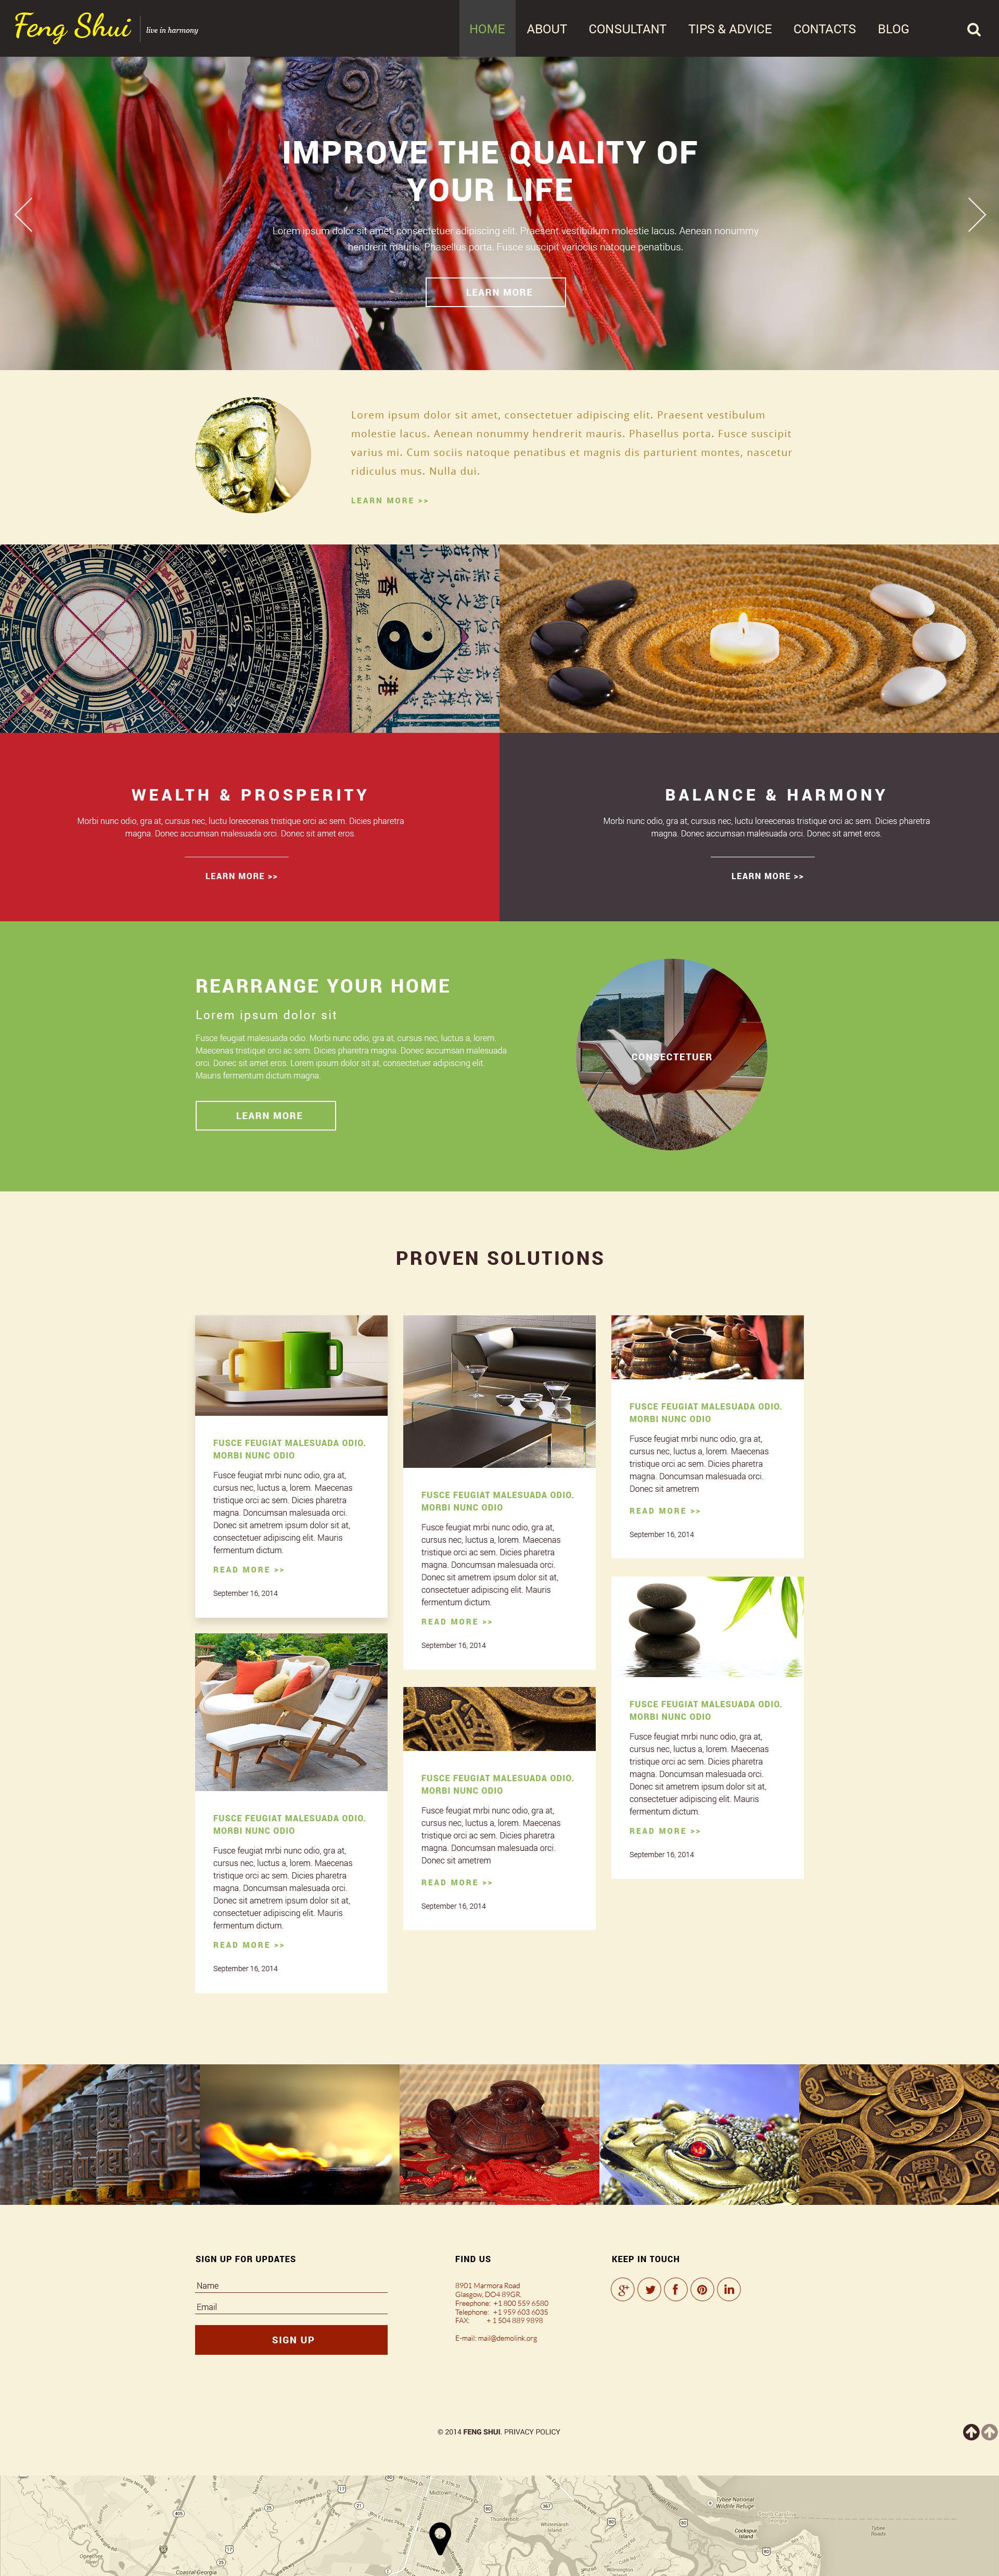 Feng Shui Responsive Website Template - screenshot